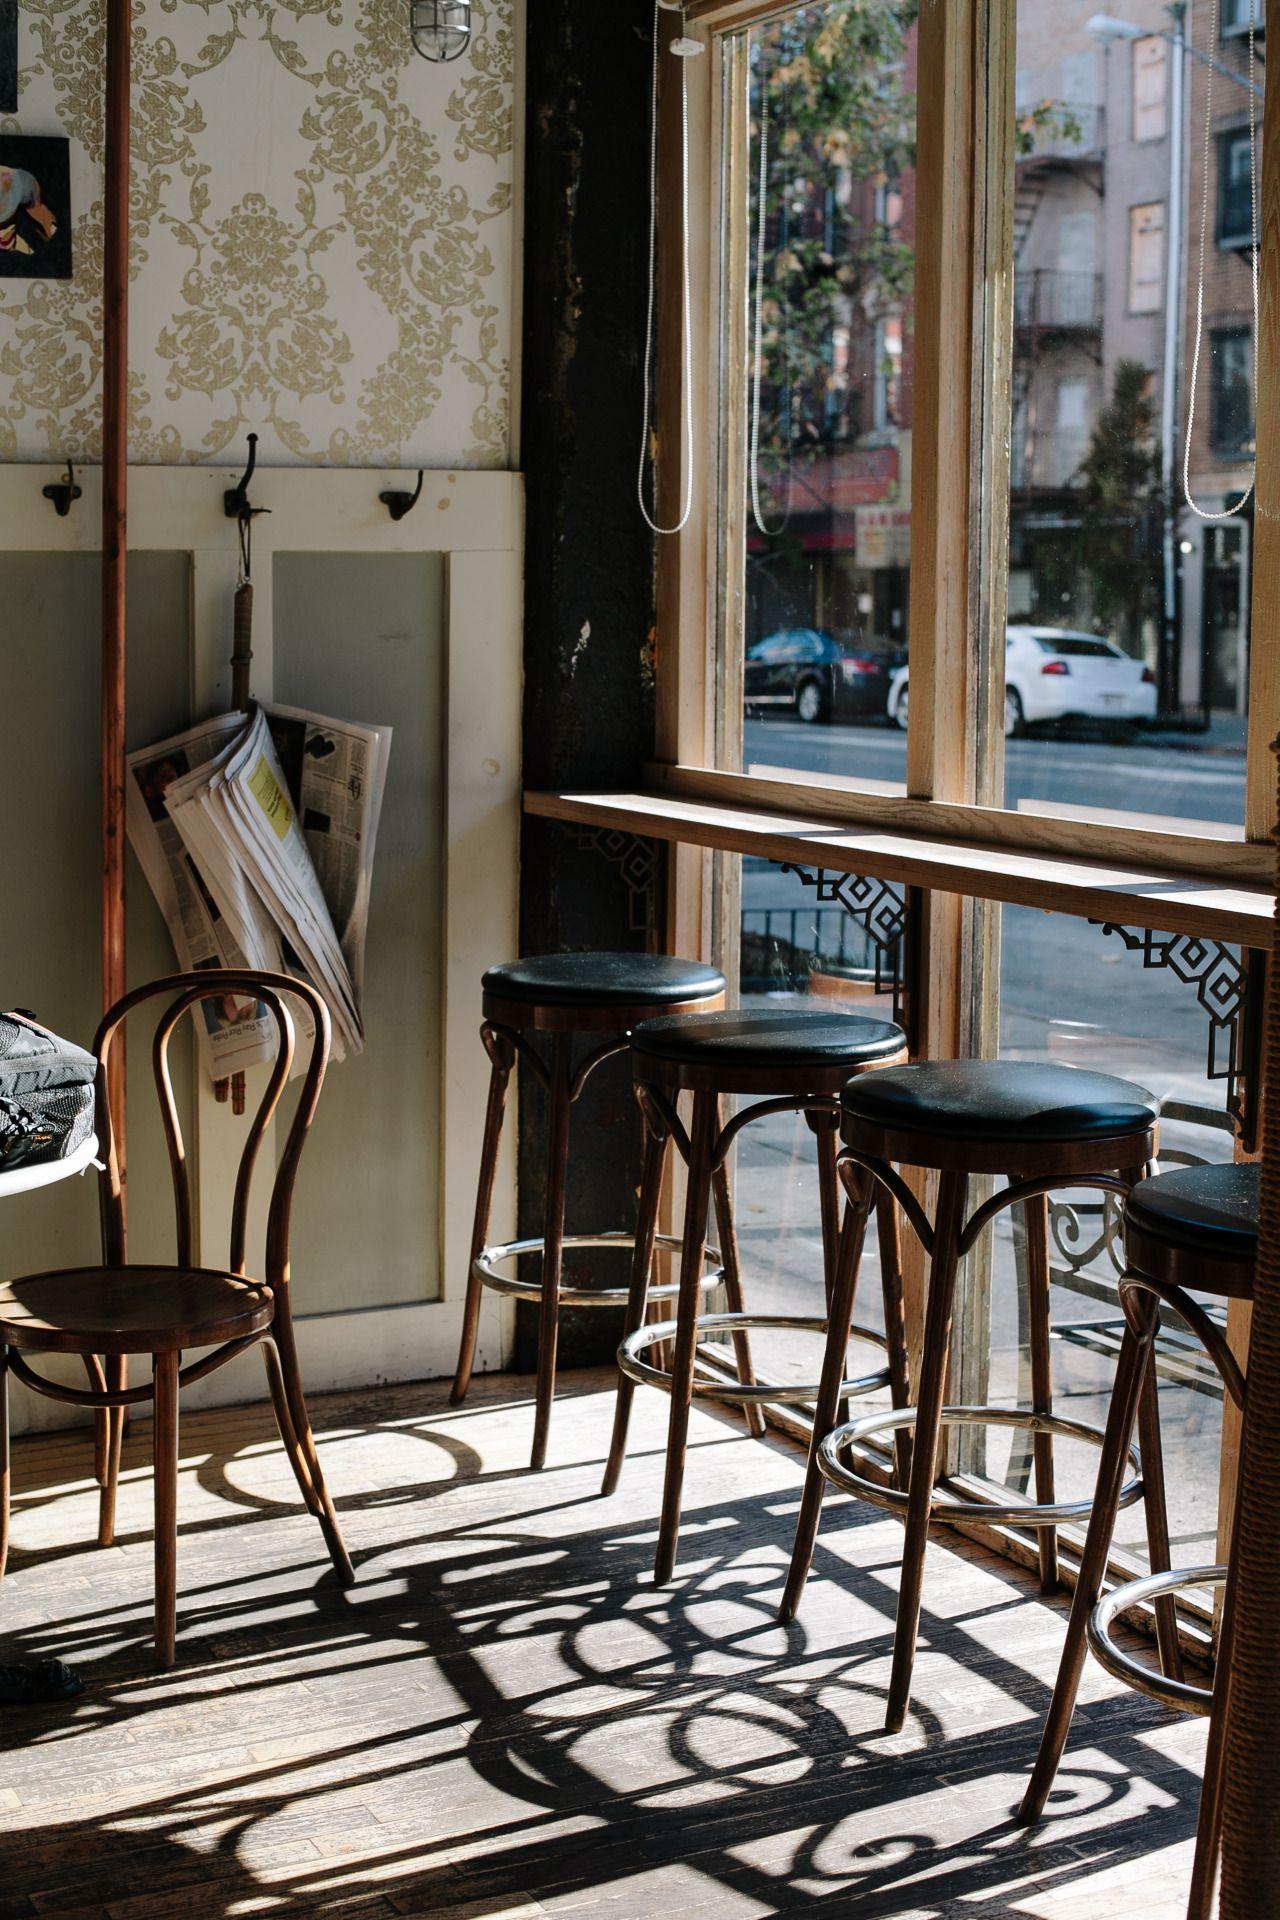 dustjacketattic Coffee in New York by Endlessly